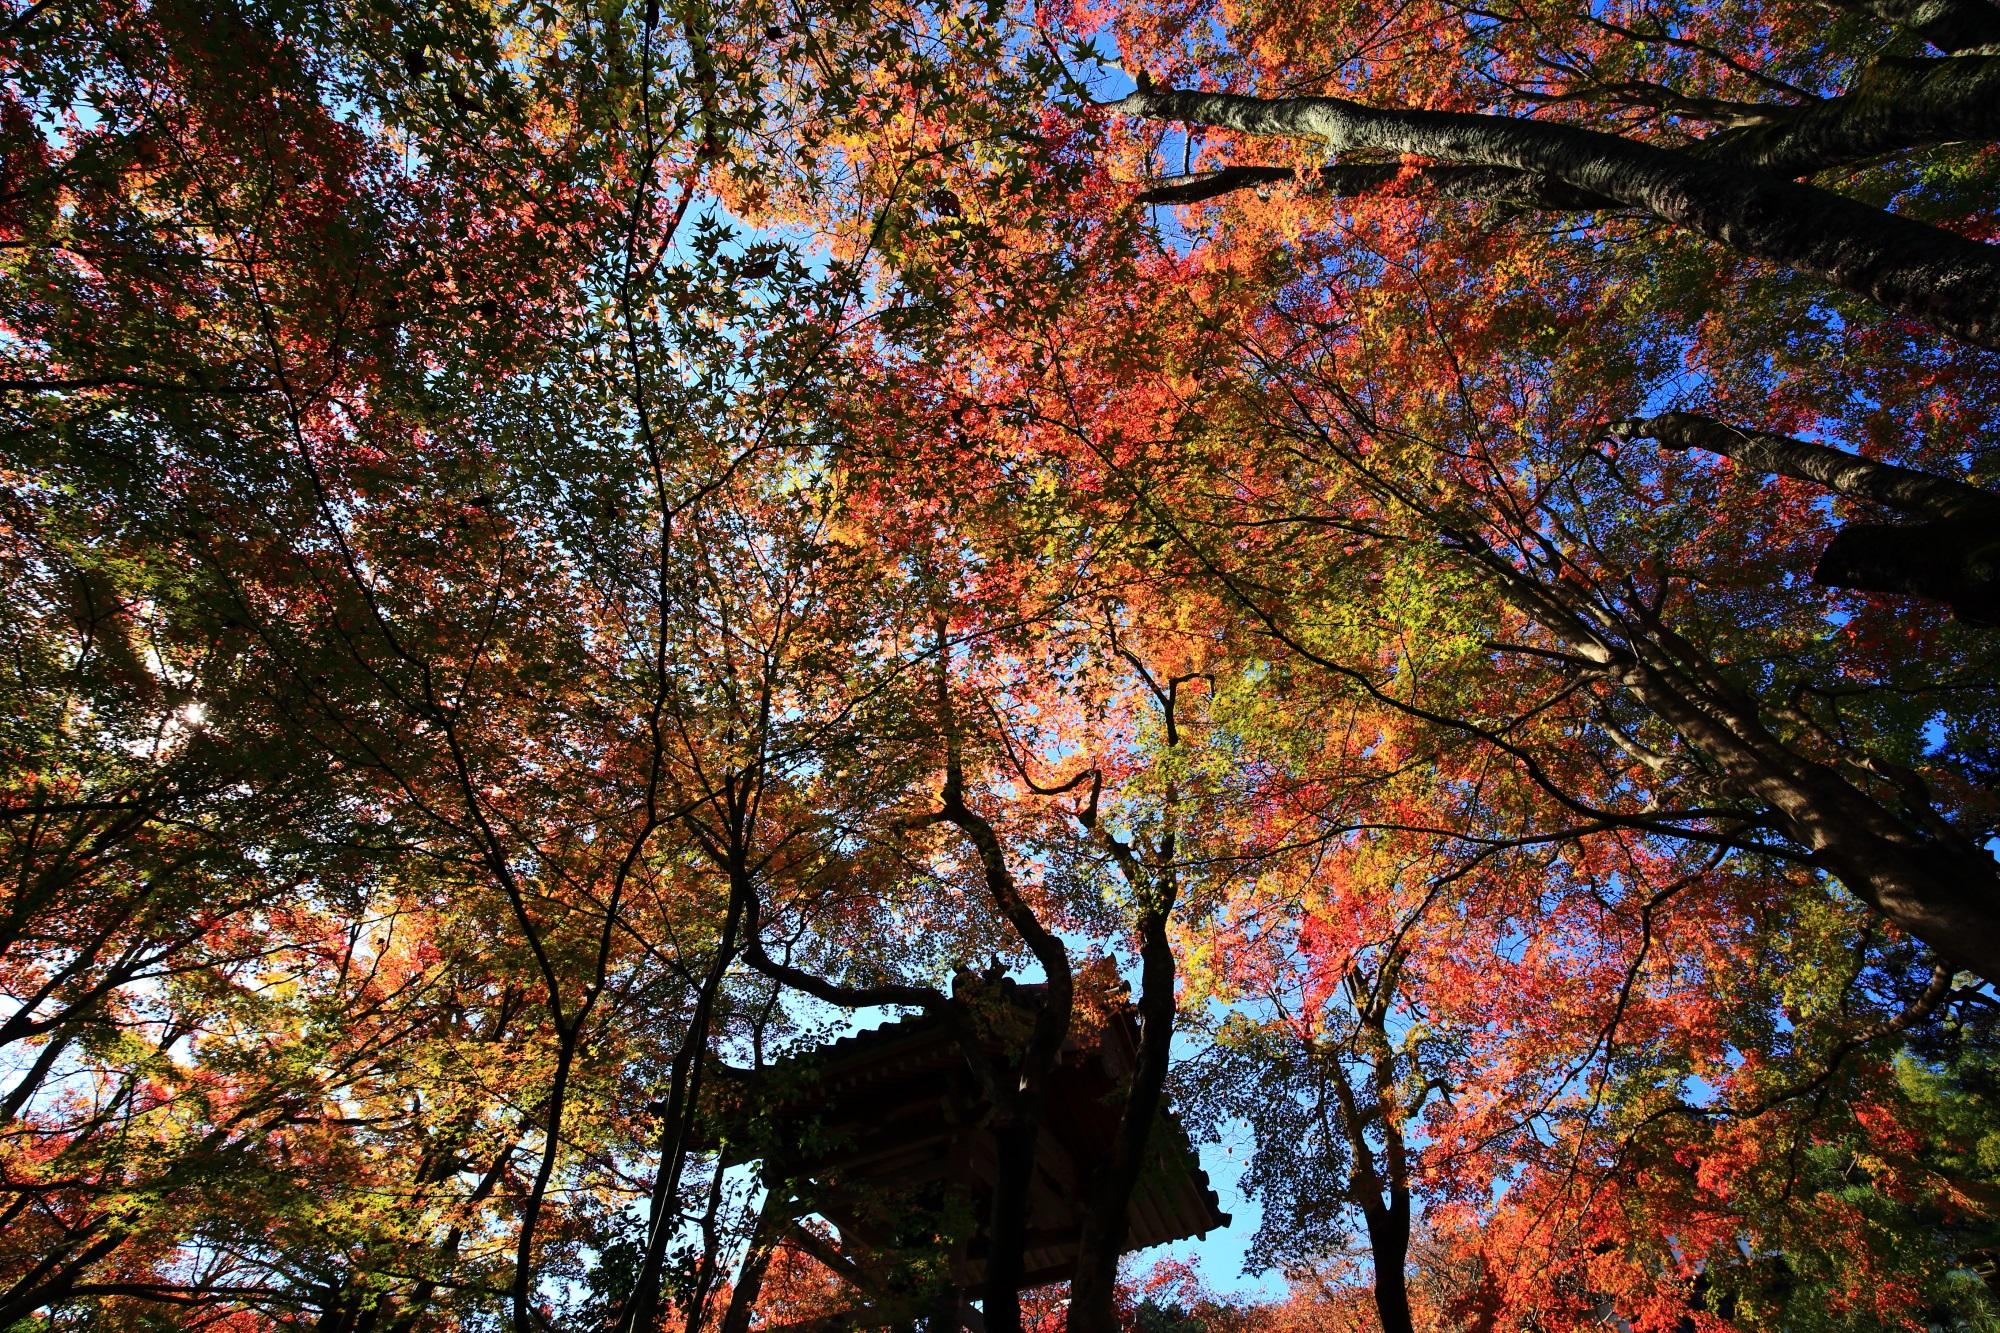 鮮やかな紅葉につつまれた奥嵯峨のもみじの名所の常寂光寺の鐘楼